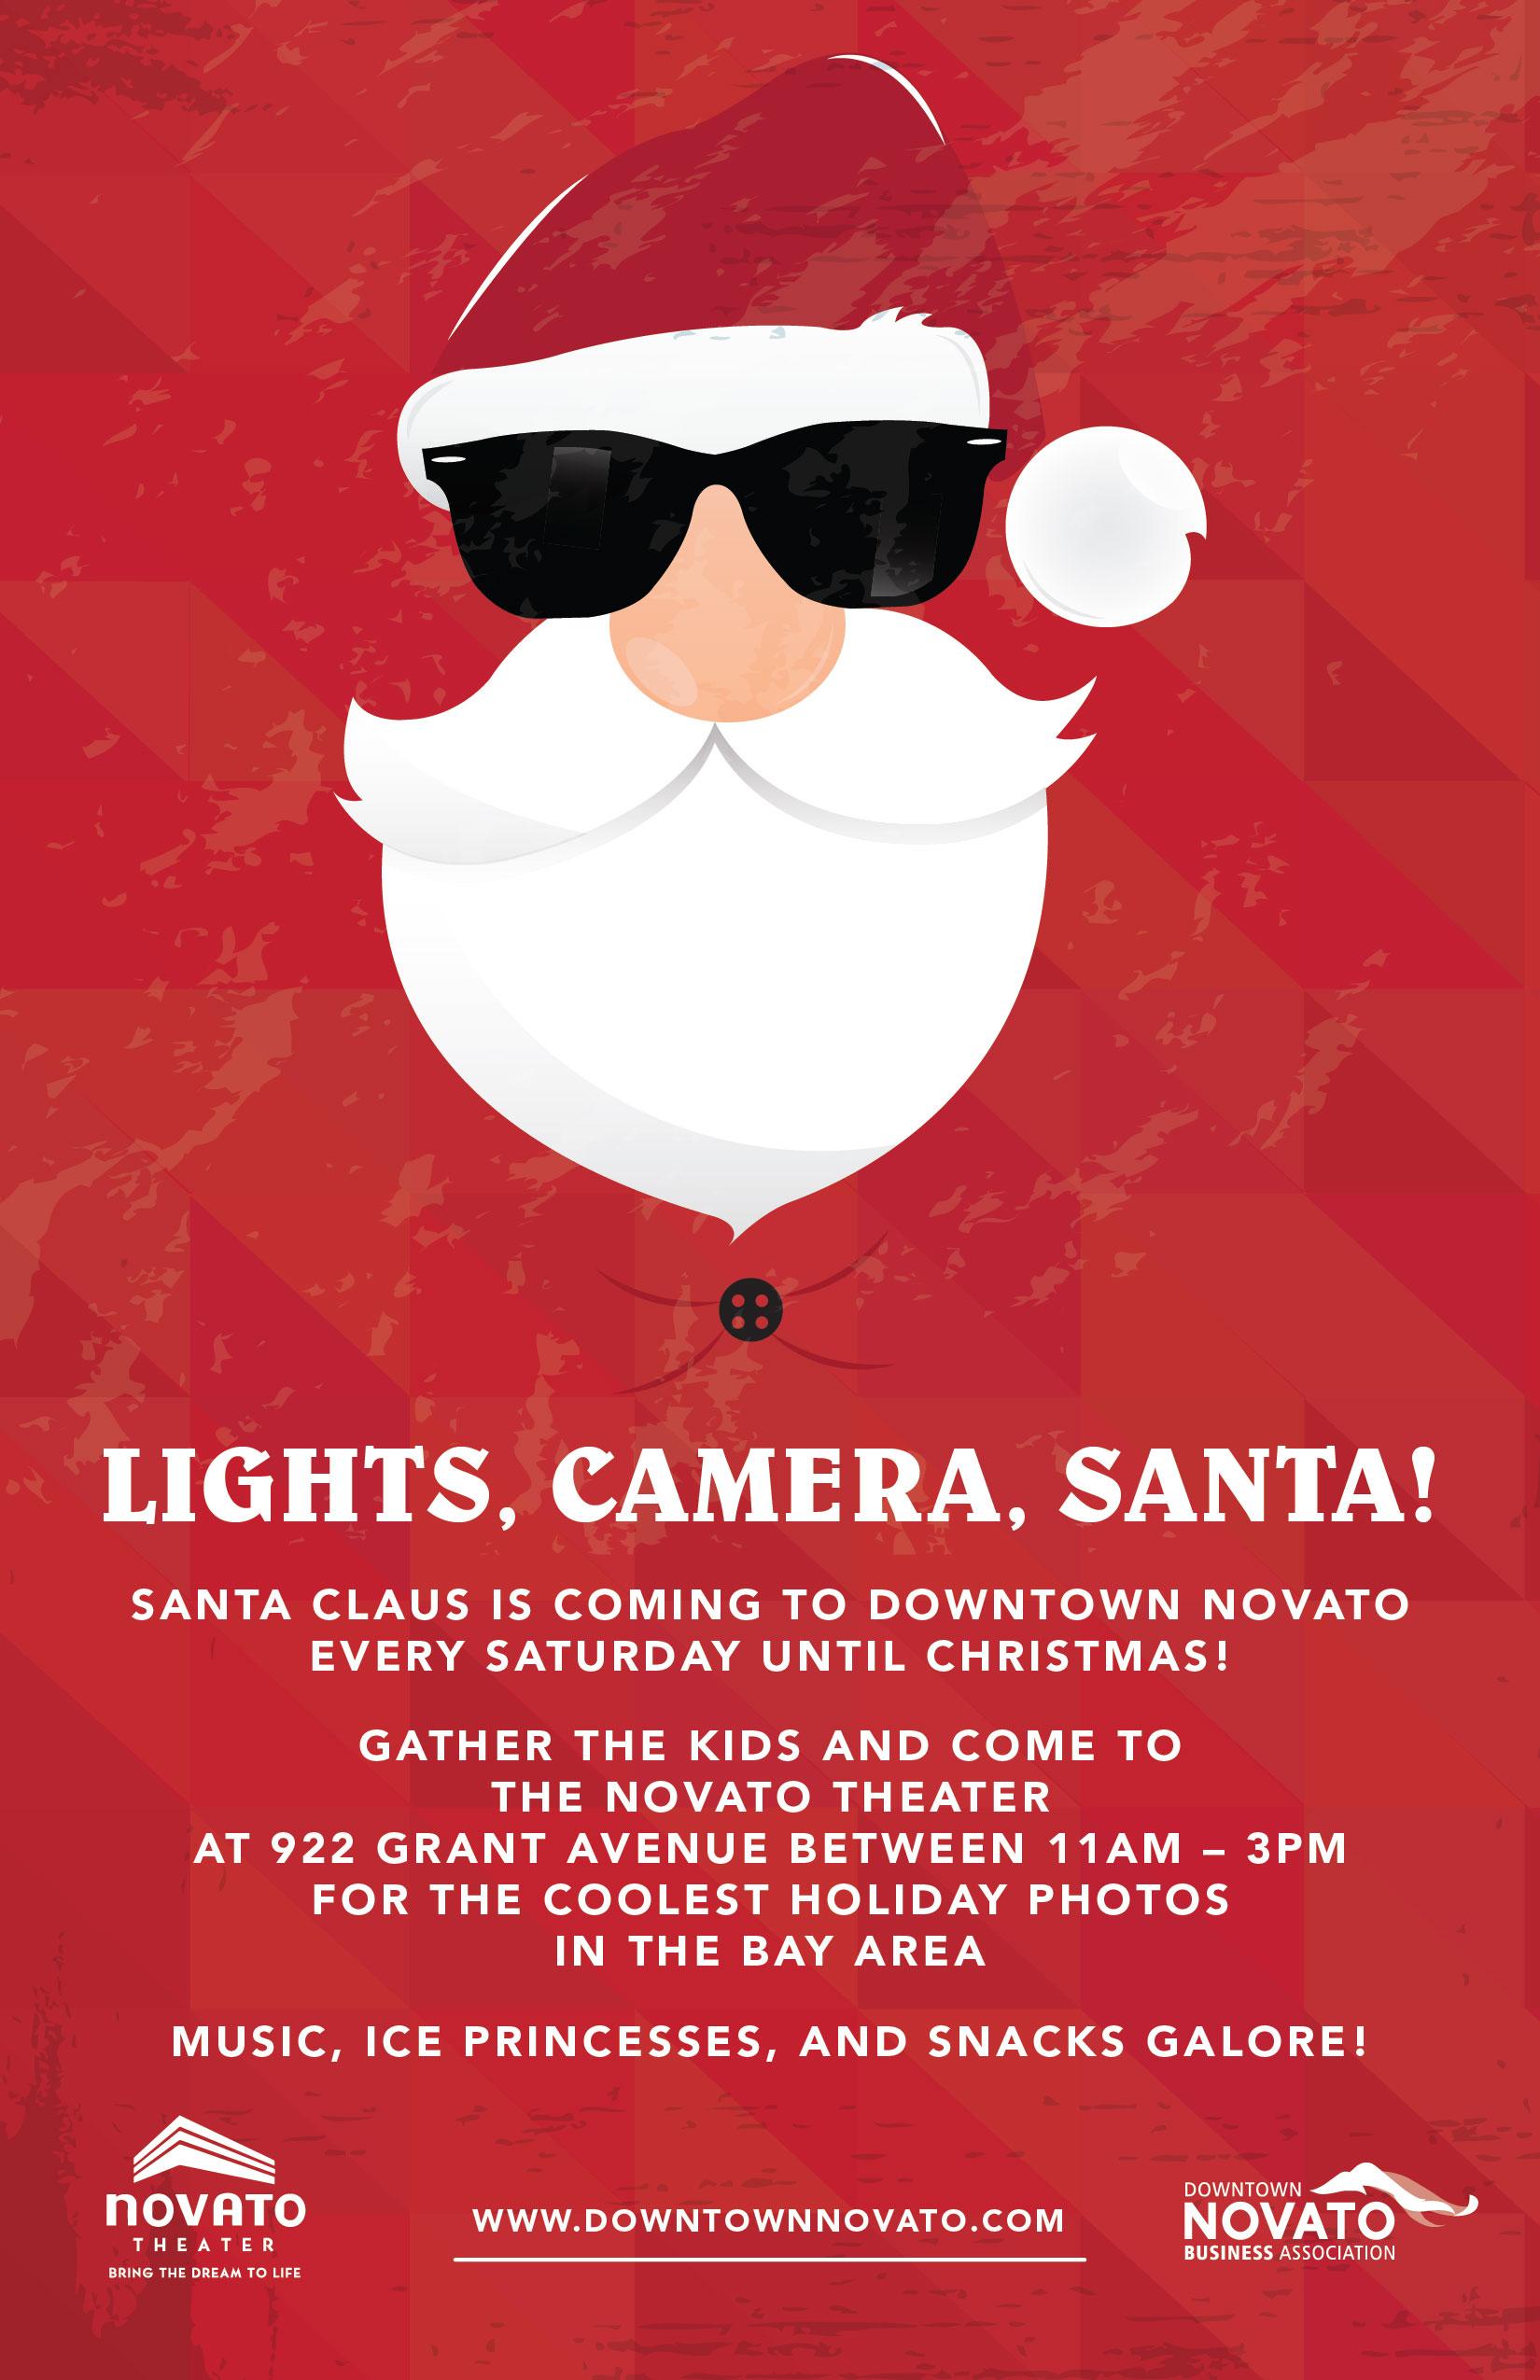 Lights, Camera, Santa!